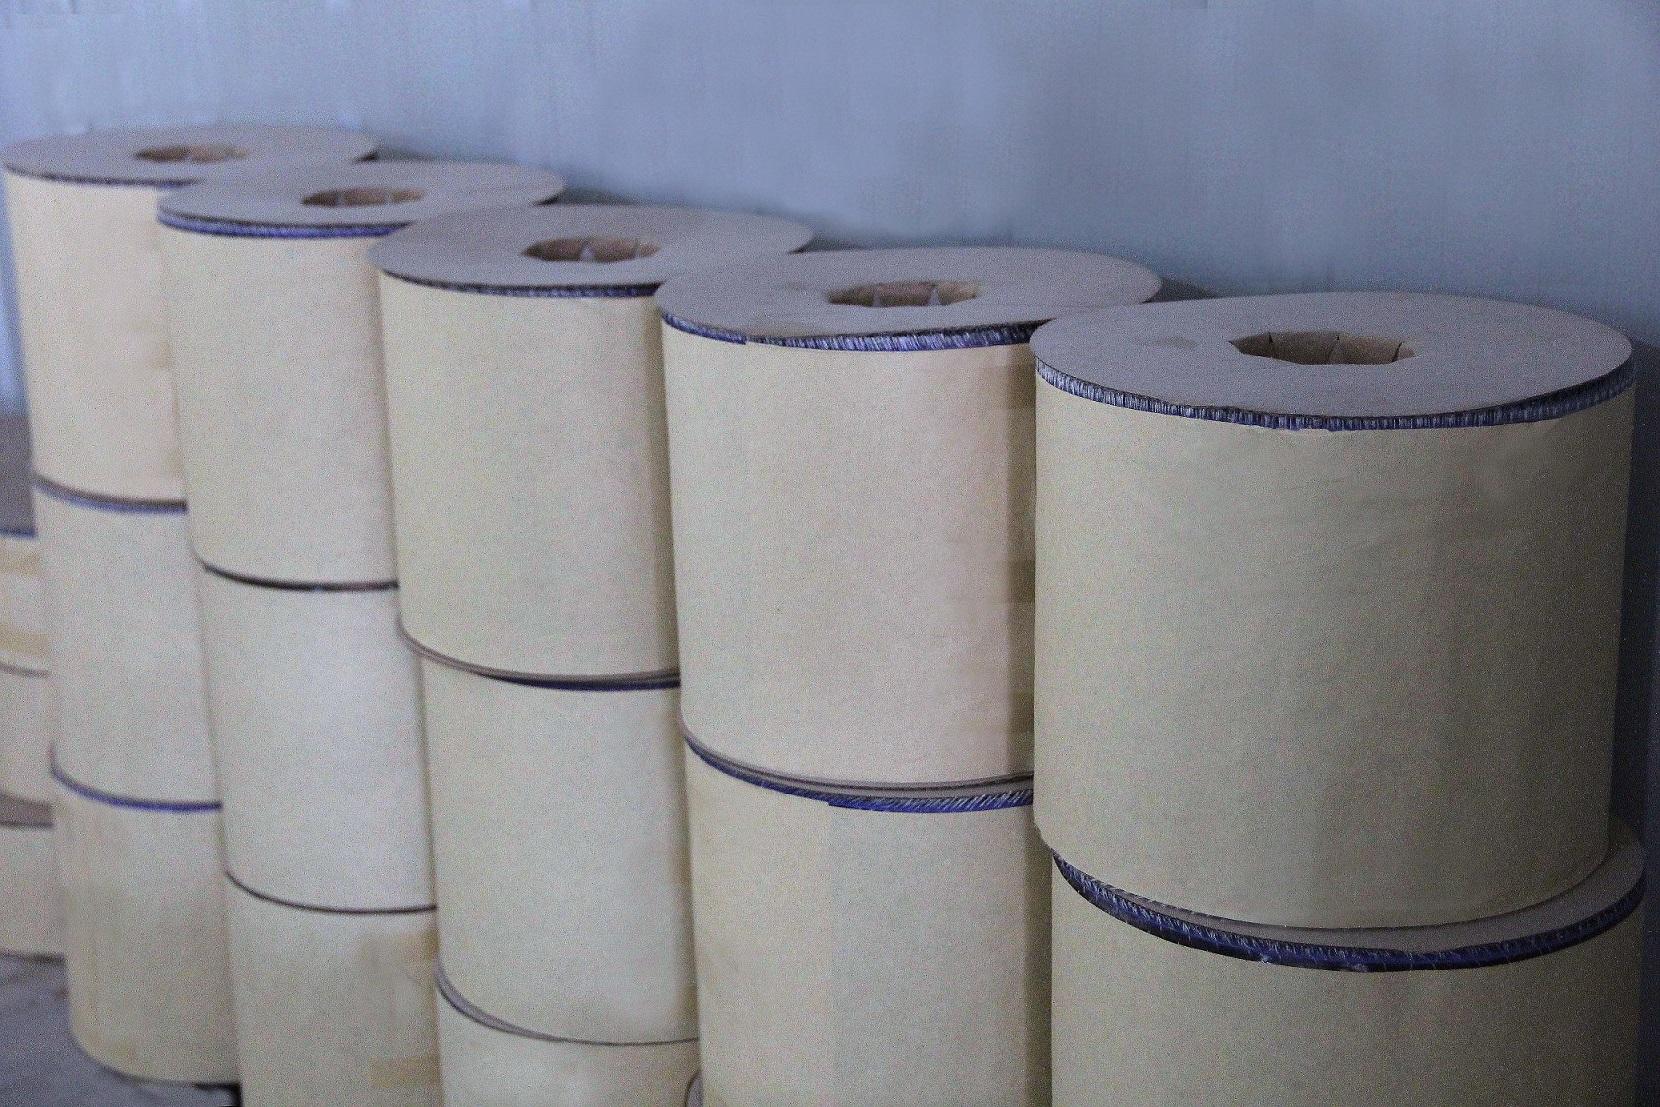 单向碳纤维板,骏腾牌高品质碳纤维板,单向碳纤维板价格  单向碳纤维板多少钱 临沂单向碳纤维板